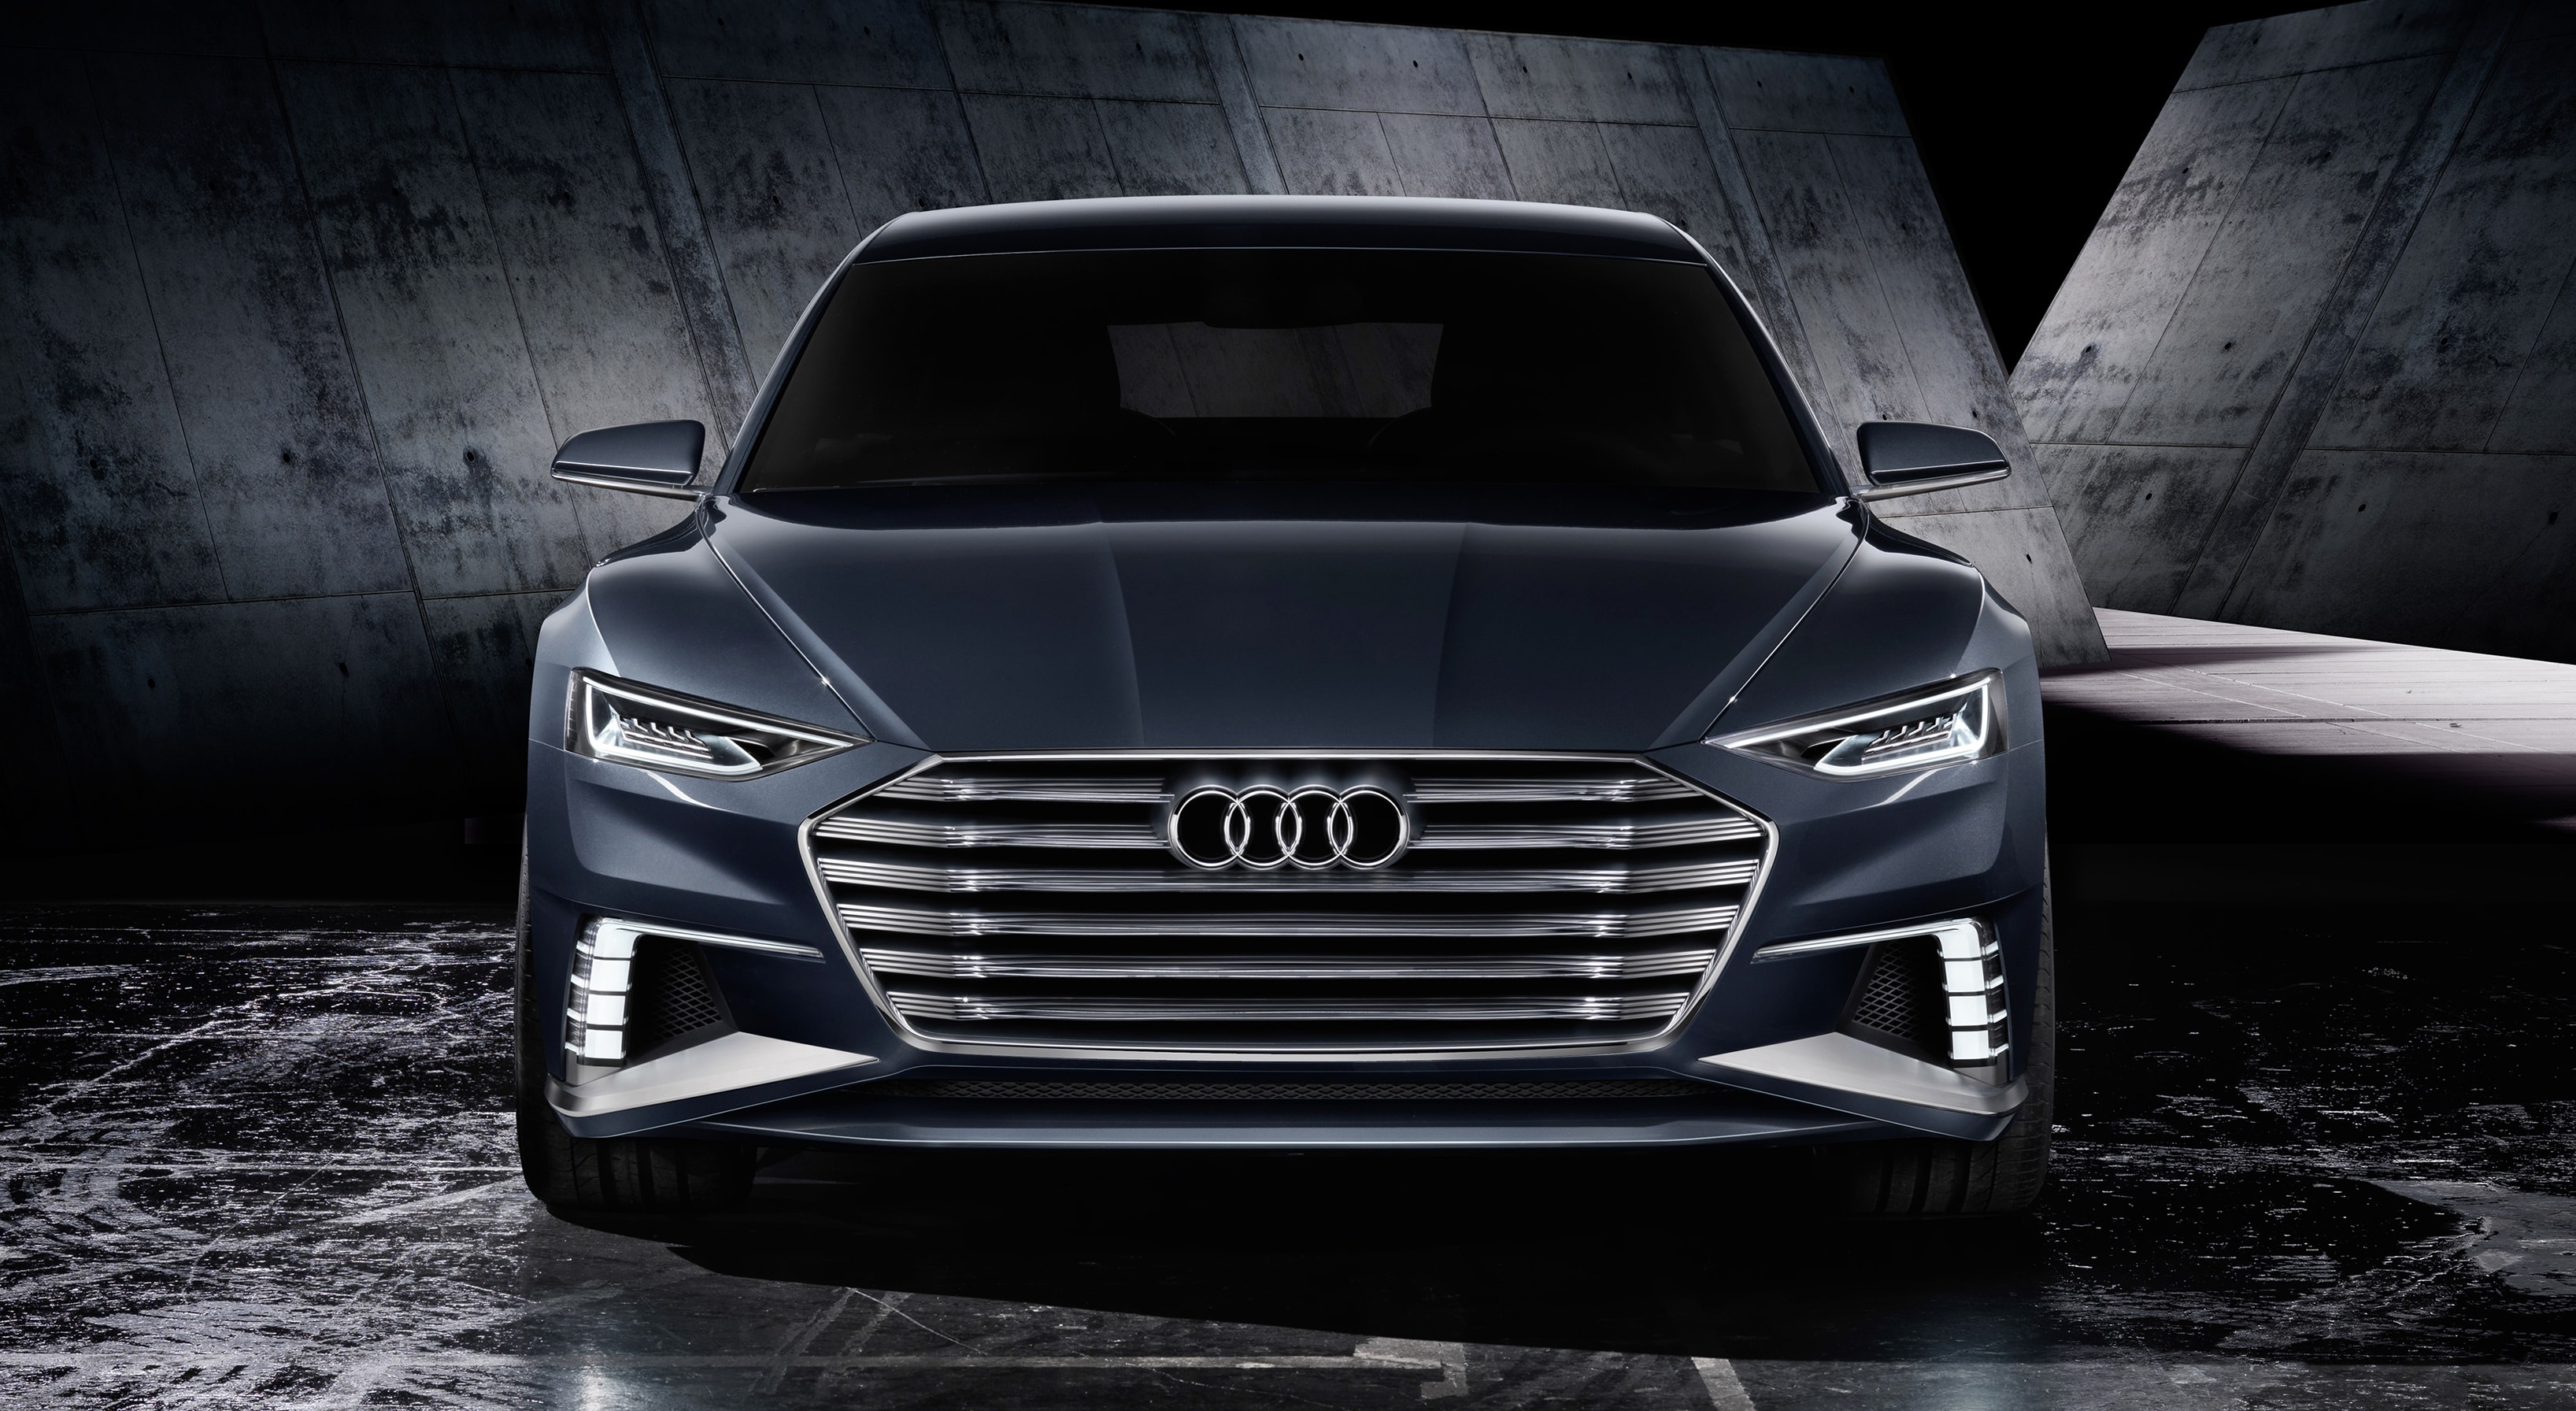 Audi A8 (D5) widescreen wallpapers